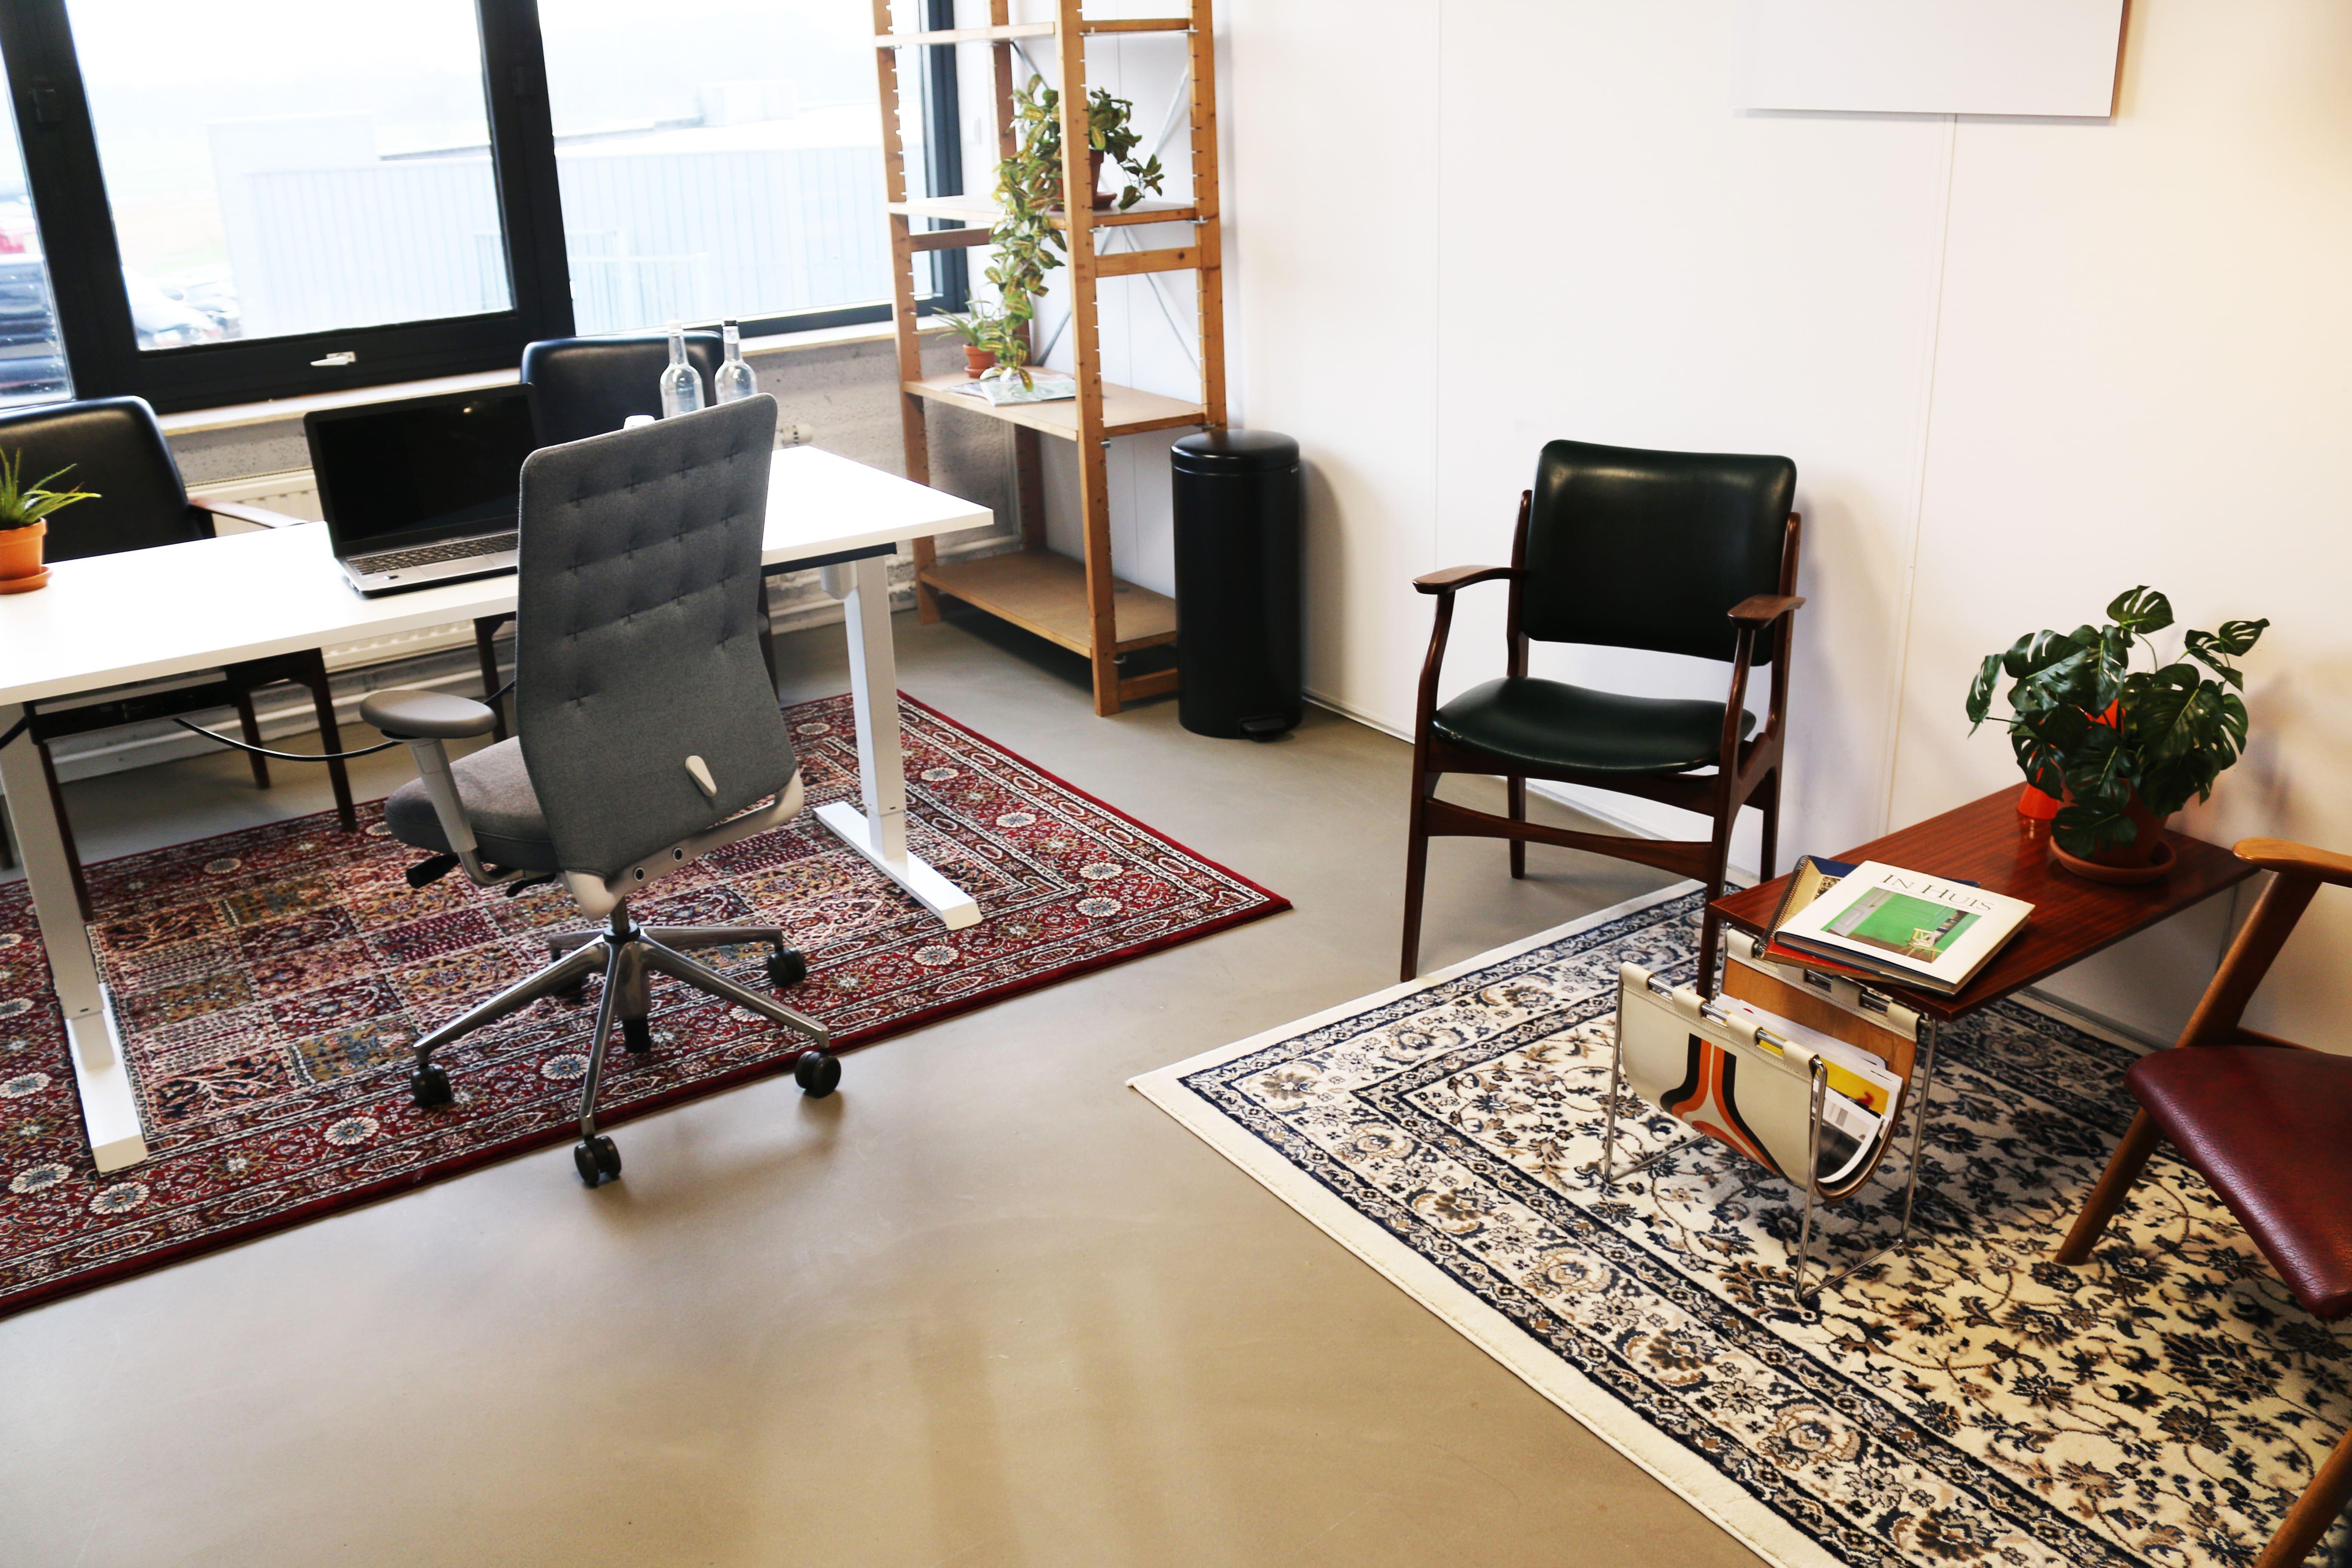 apollo-workspaces-flexwerken